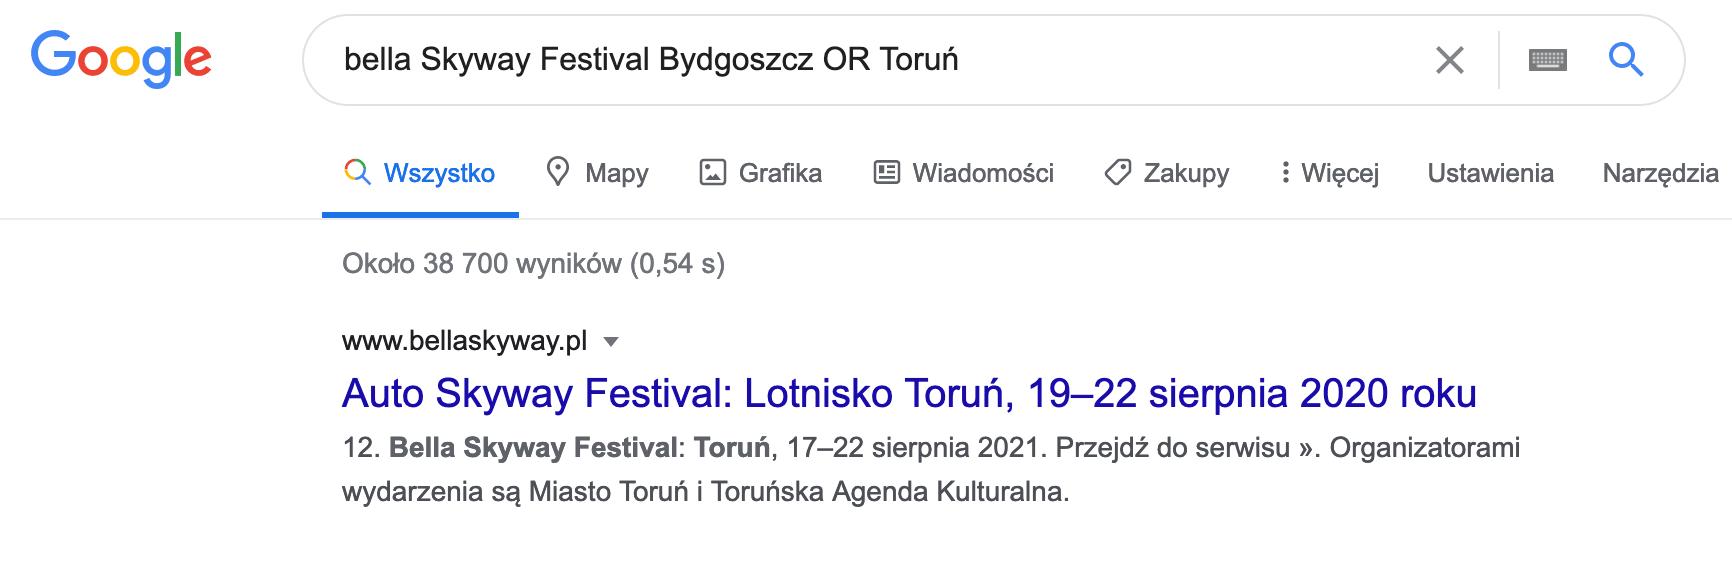 Wyszukiwanie w google wydarzenia